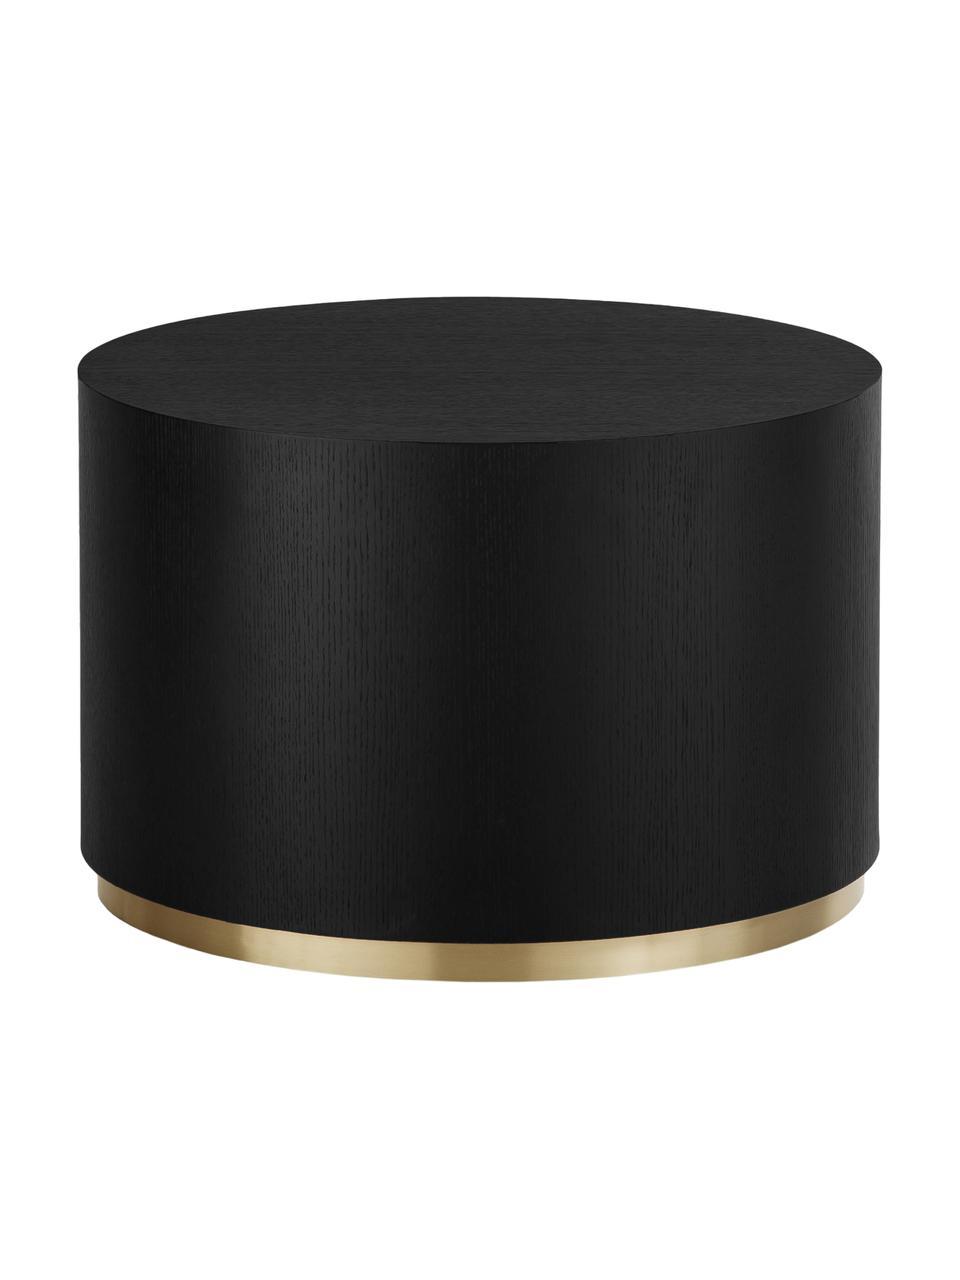 Okrągły stolik kawowy Clarice, Korpus: płyta pilśniowa średniej , Noga: metal powlekany, Korpus: drewno jesionowe, czarny lakierowany Noga: odcienie złotego, Ø 60 x W 40 cm